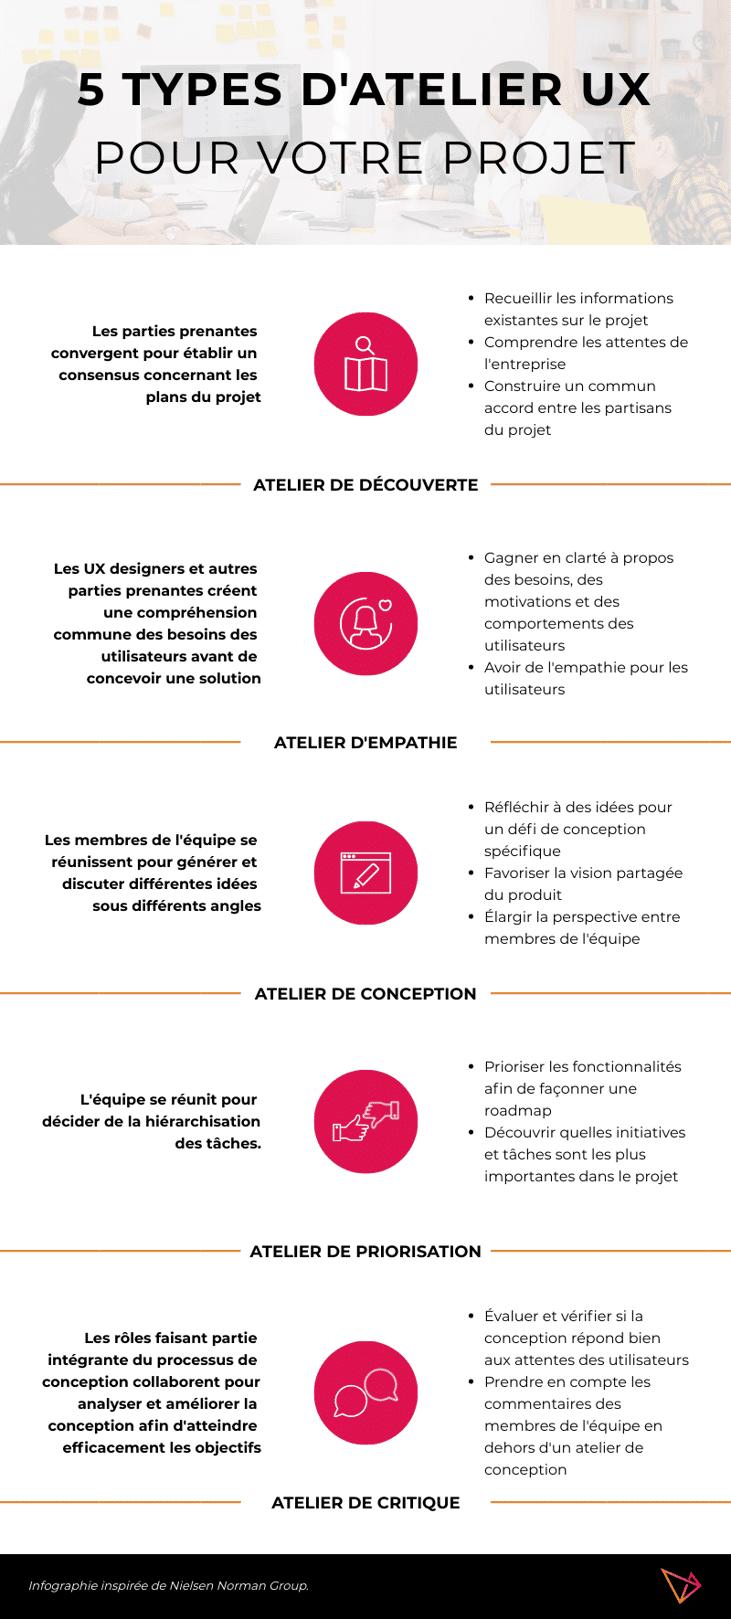 5-types-d-atelier-ux-adimeo